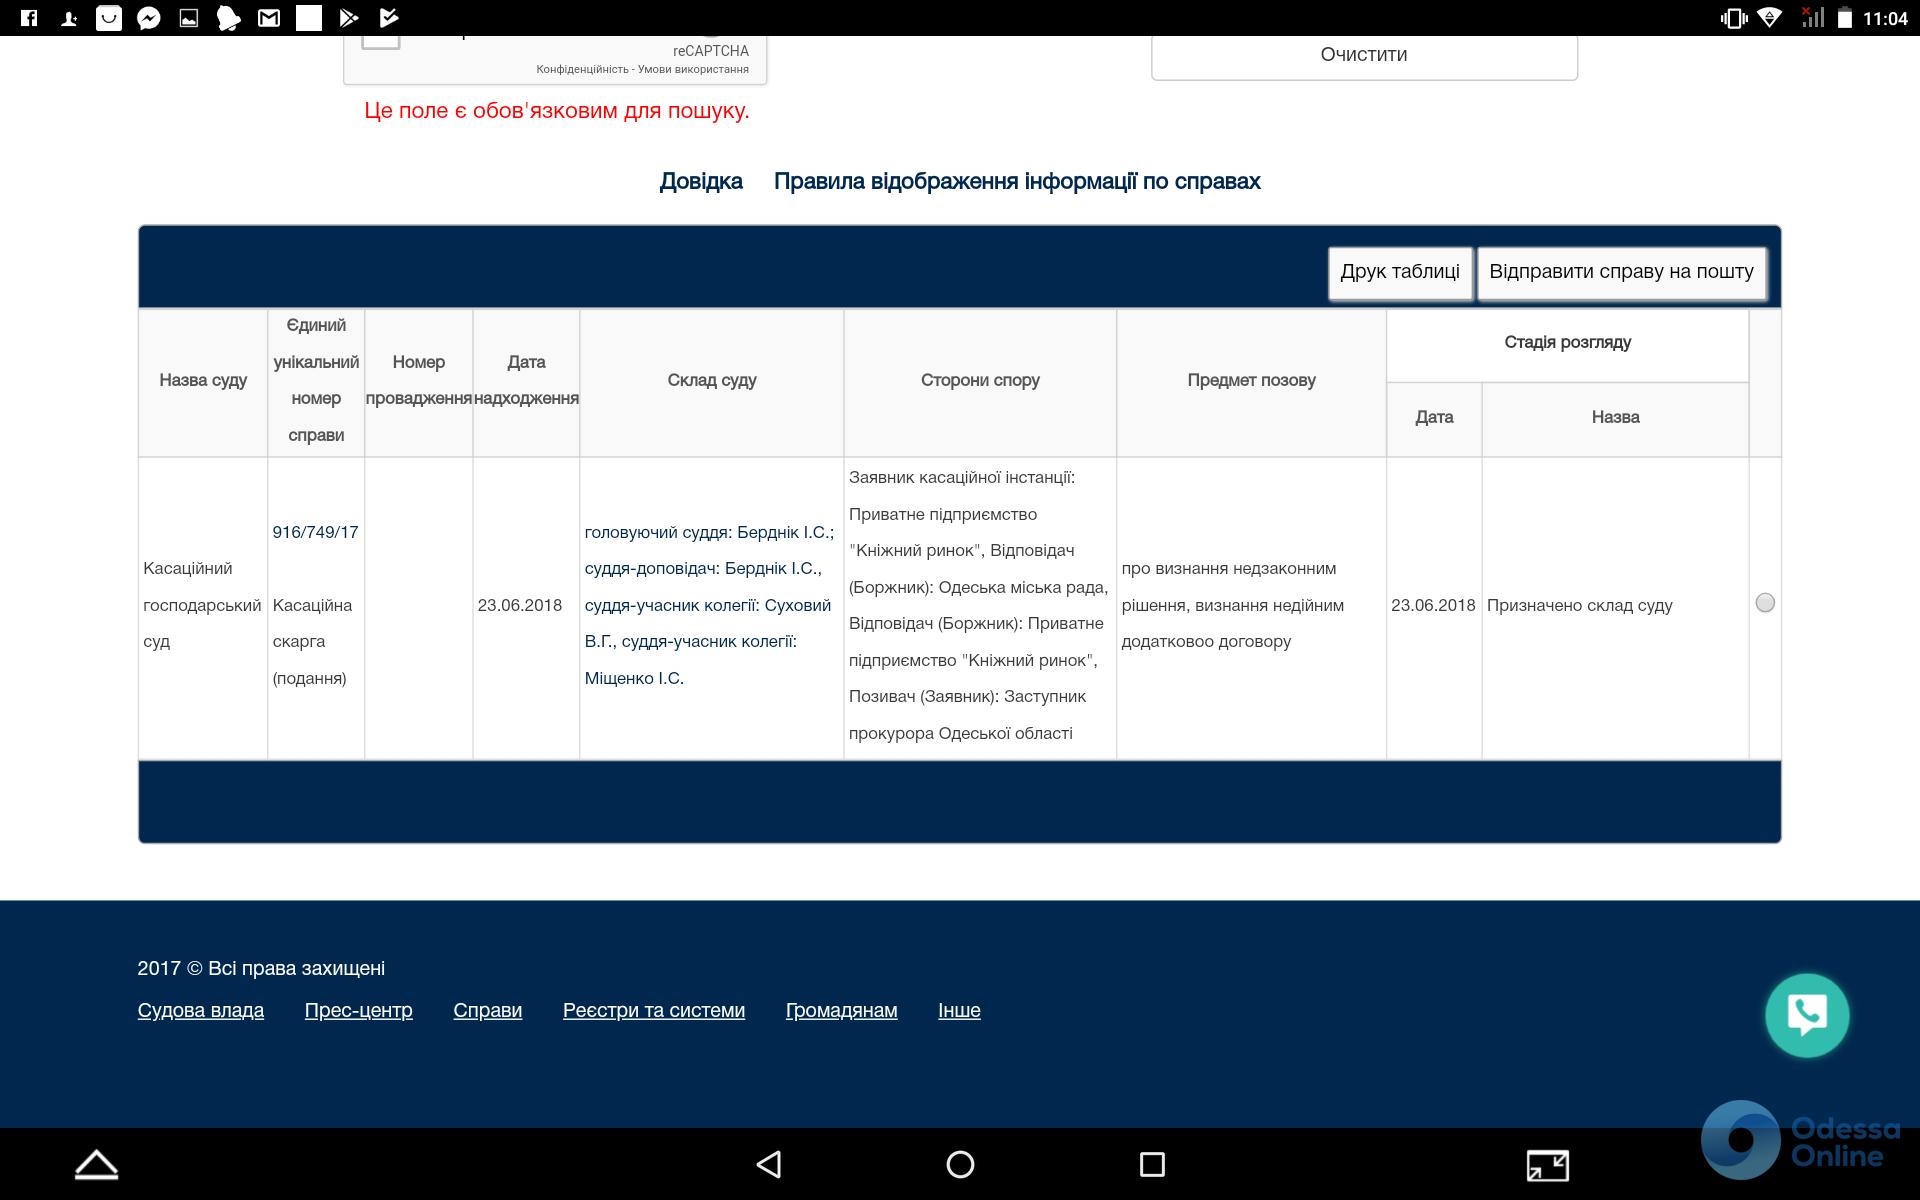 Снос «книжки»: информация о решении кассационного суда в пользу хозяина рынка ложная — суд еще не состоялся